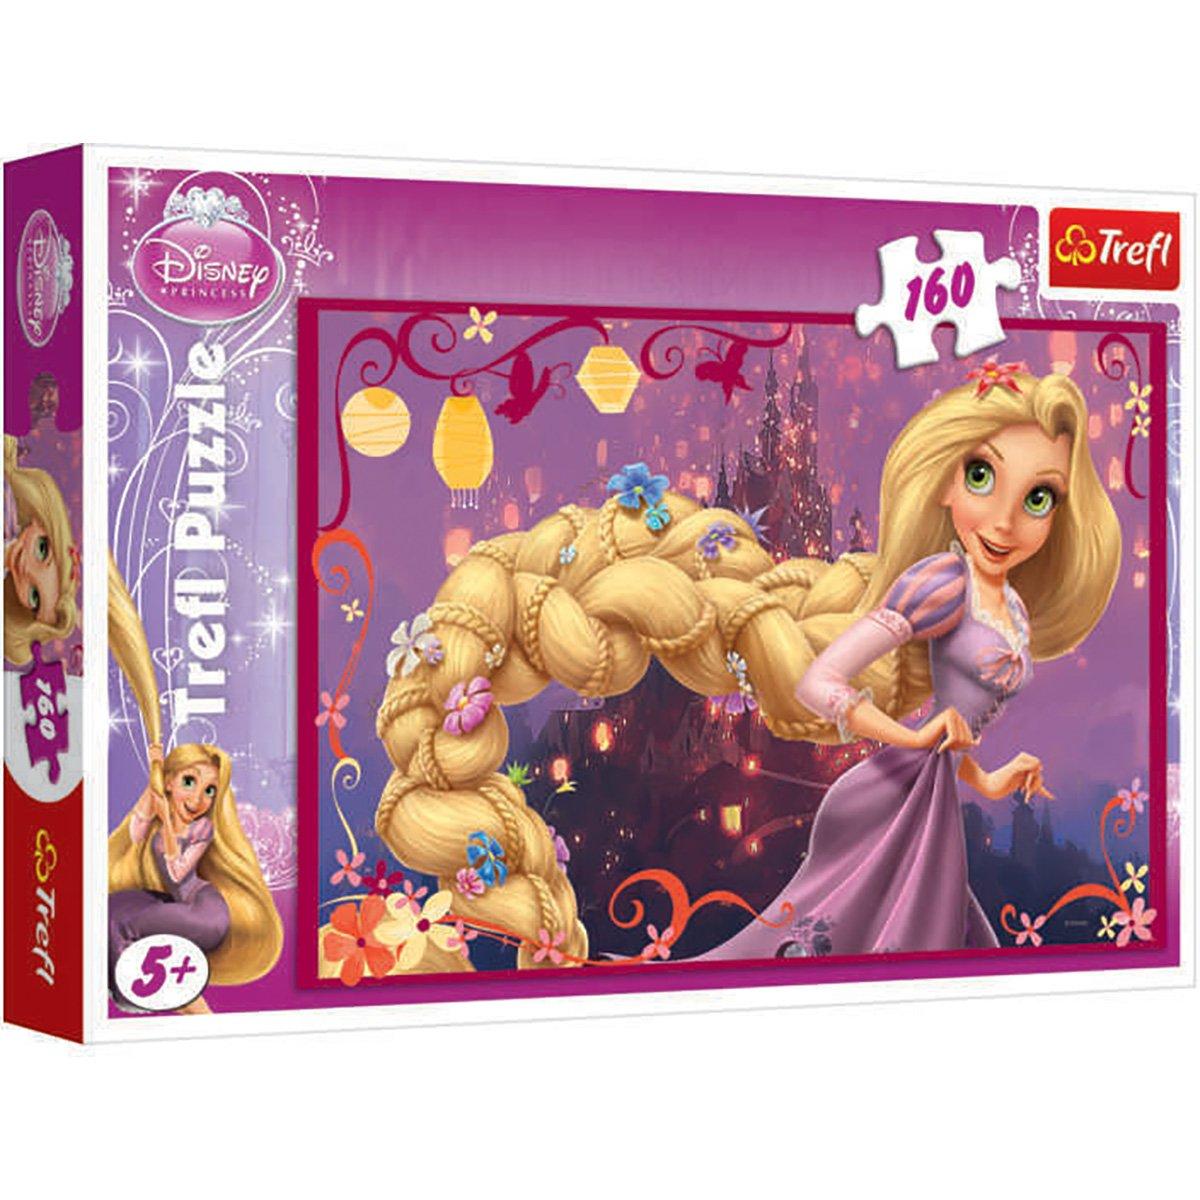 Puzzle Trefl, Disney Princess, Parul impletit a lui Rapunzel, 160 piese